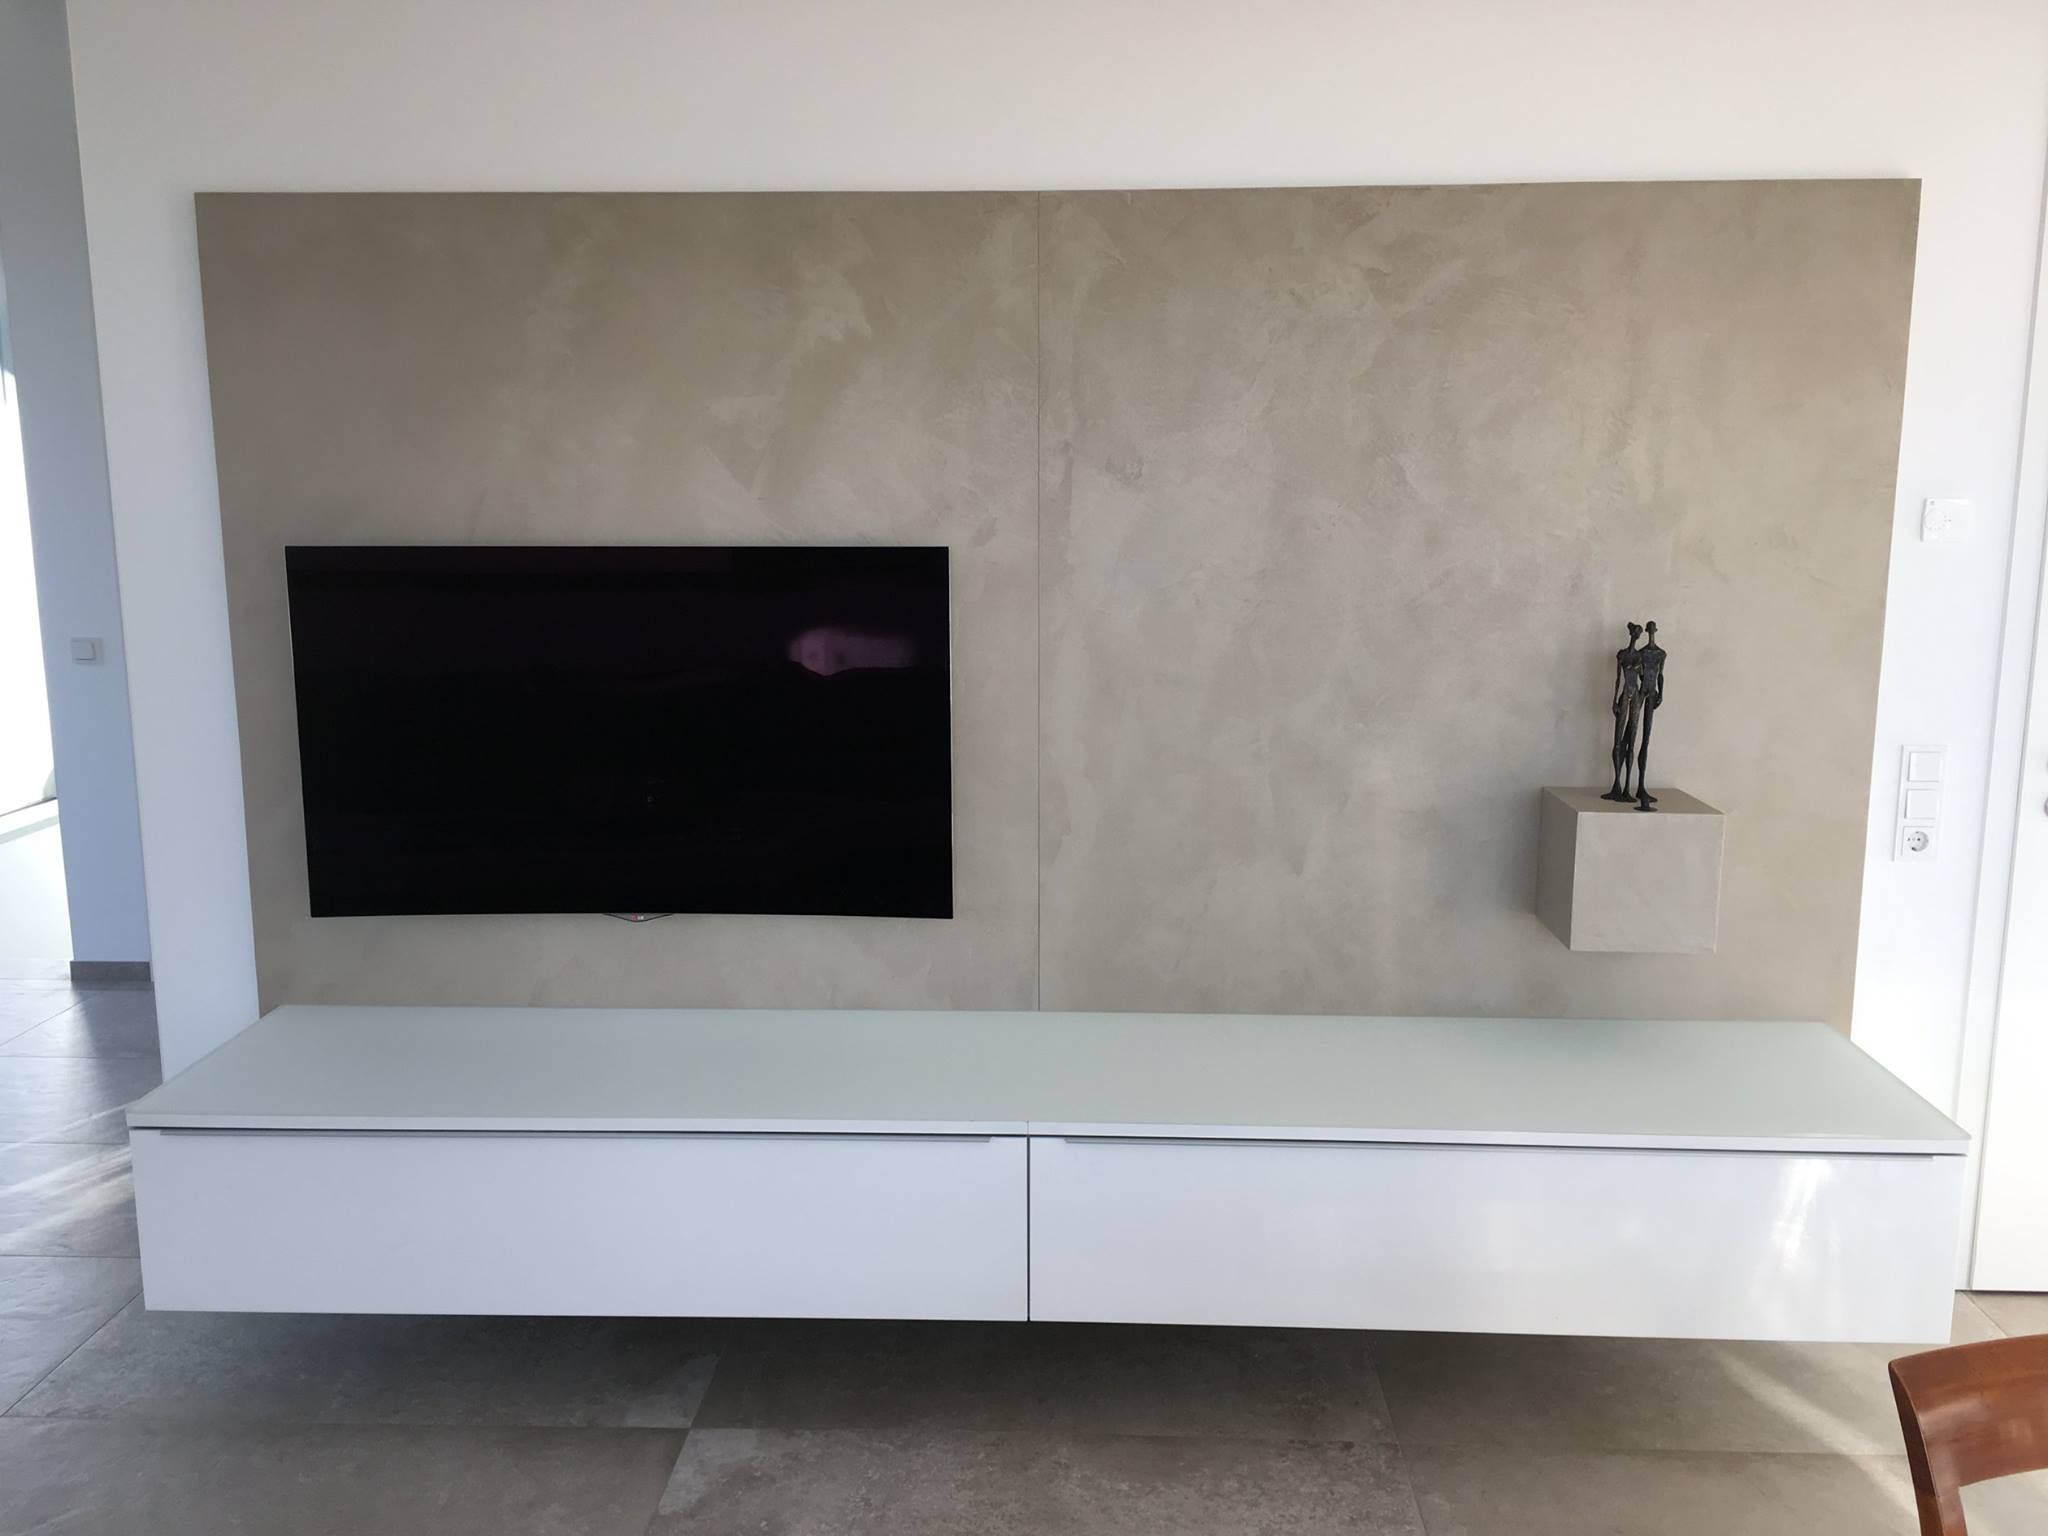 TV Wand Mit Weißem Lowboard Und Rückwand Aus Beton Ciré. Schickes Design  Für Das